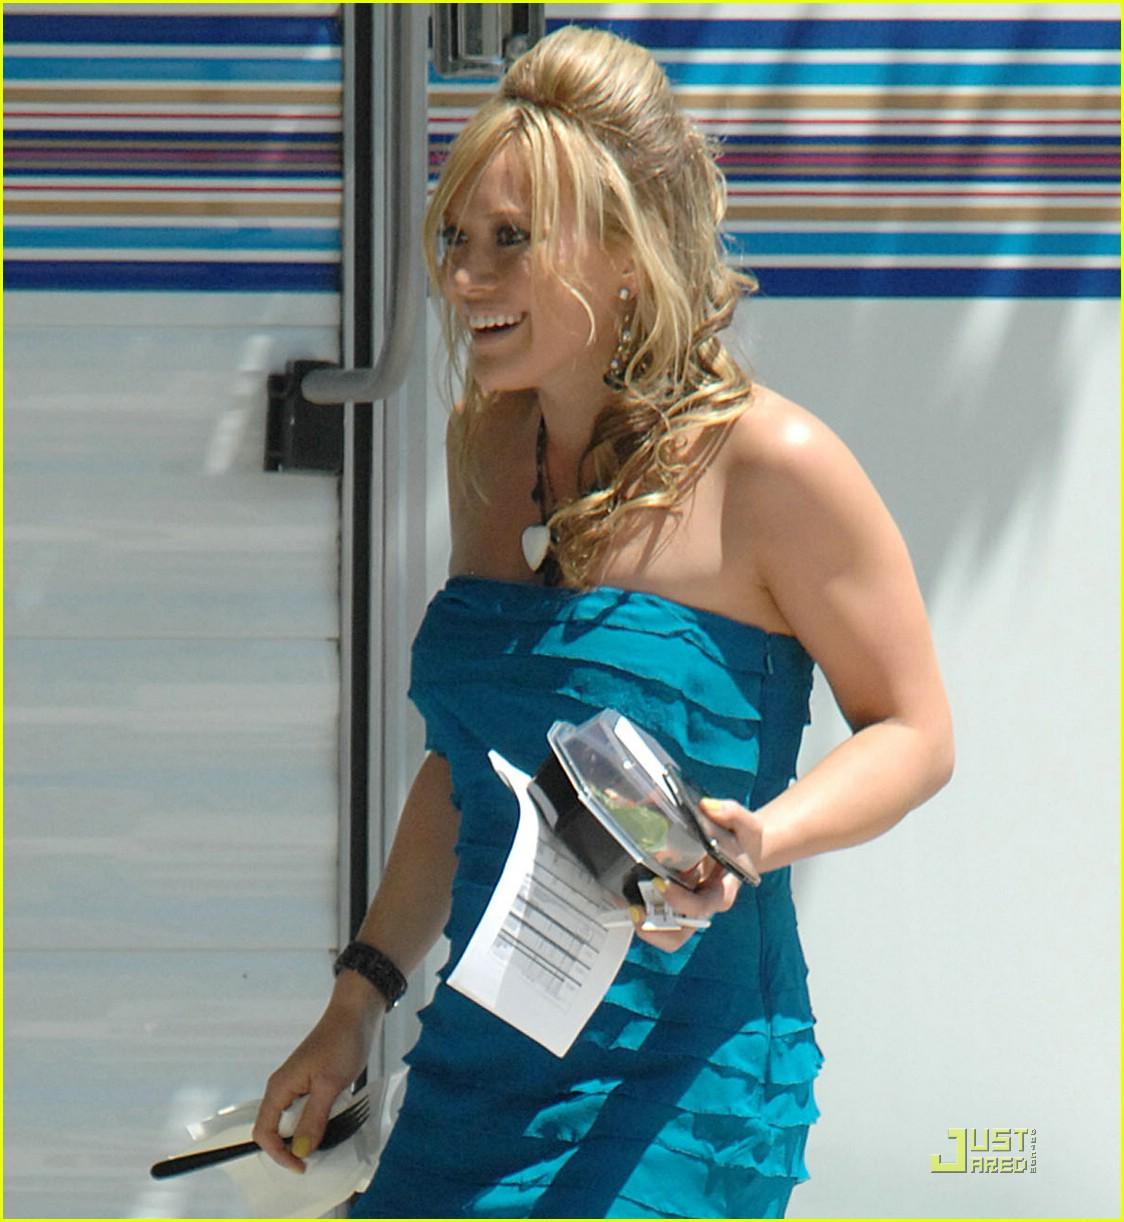 hilary duff stay cool ... Hilary Duff